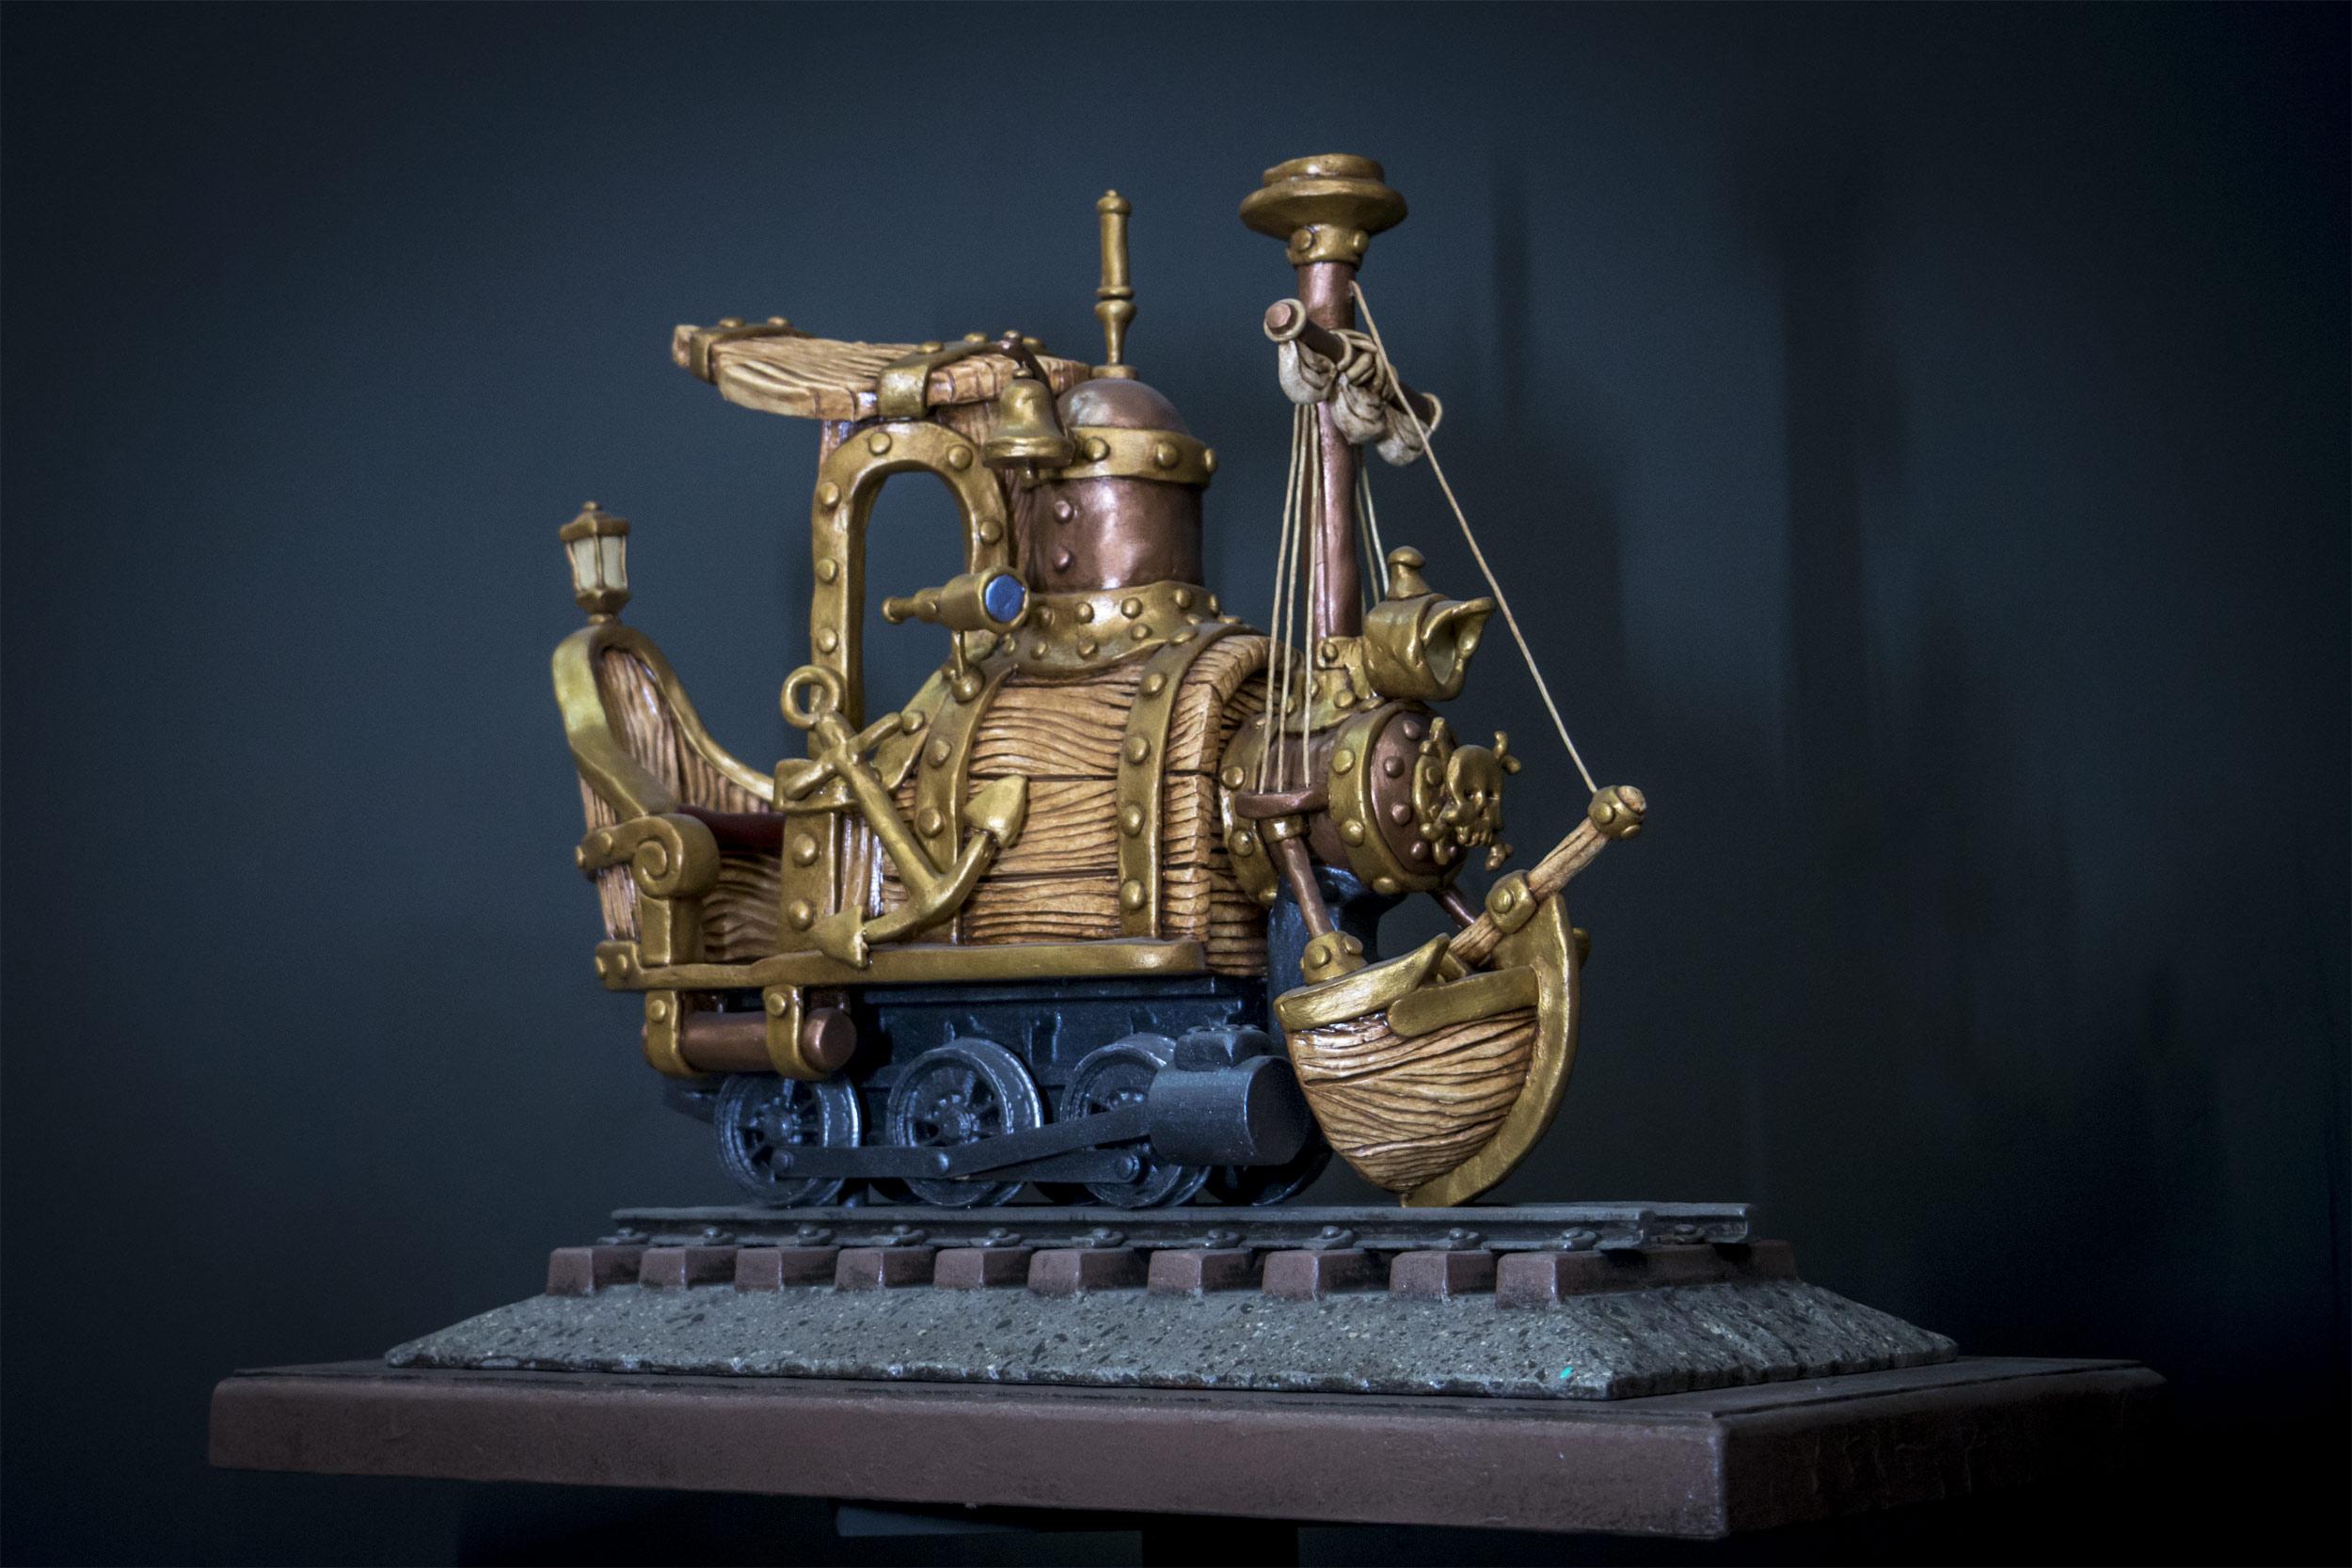 pirate-train.jpg